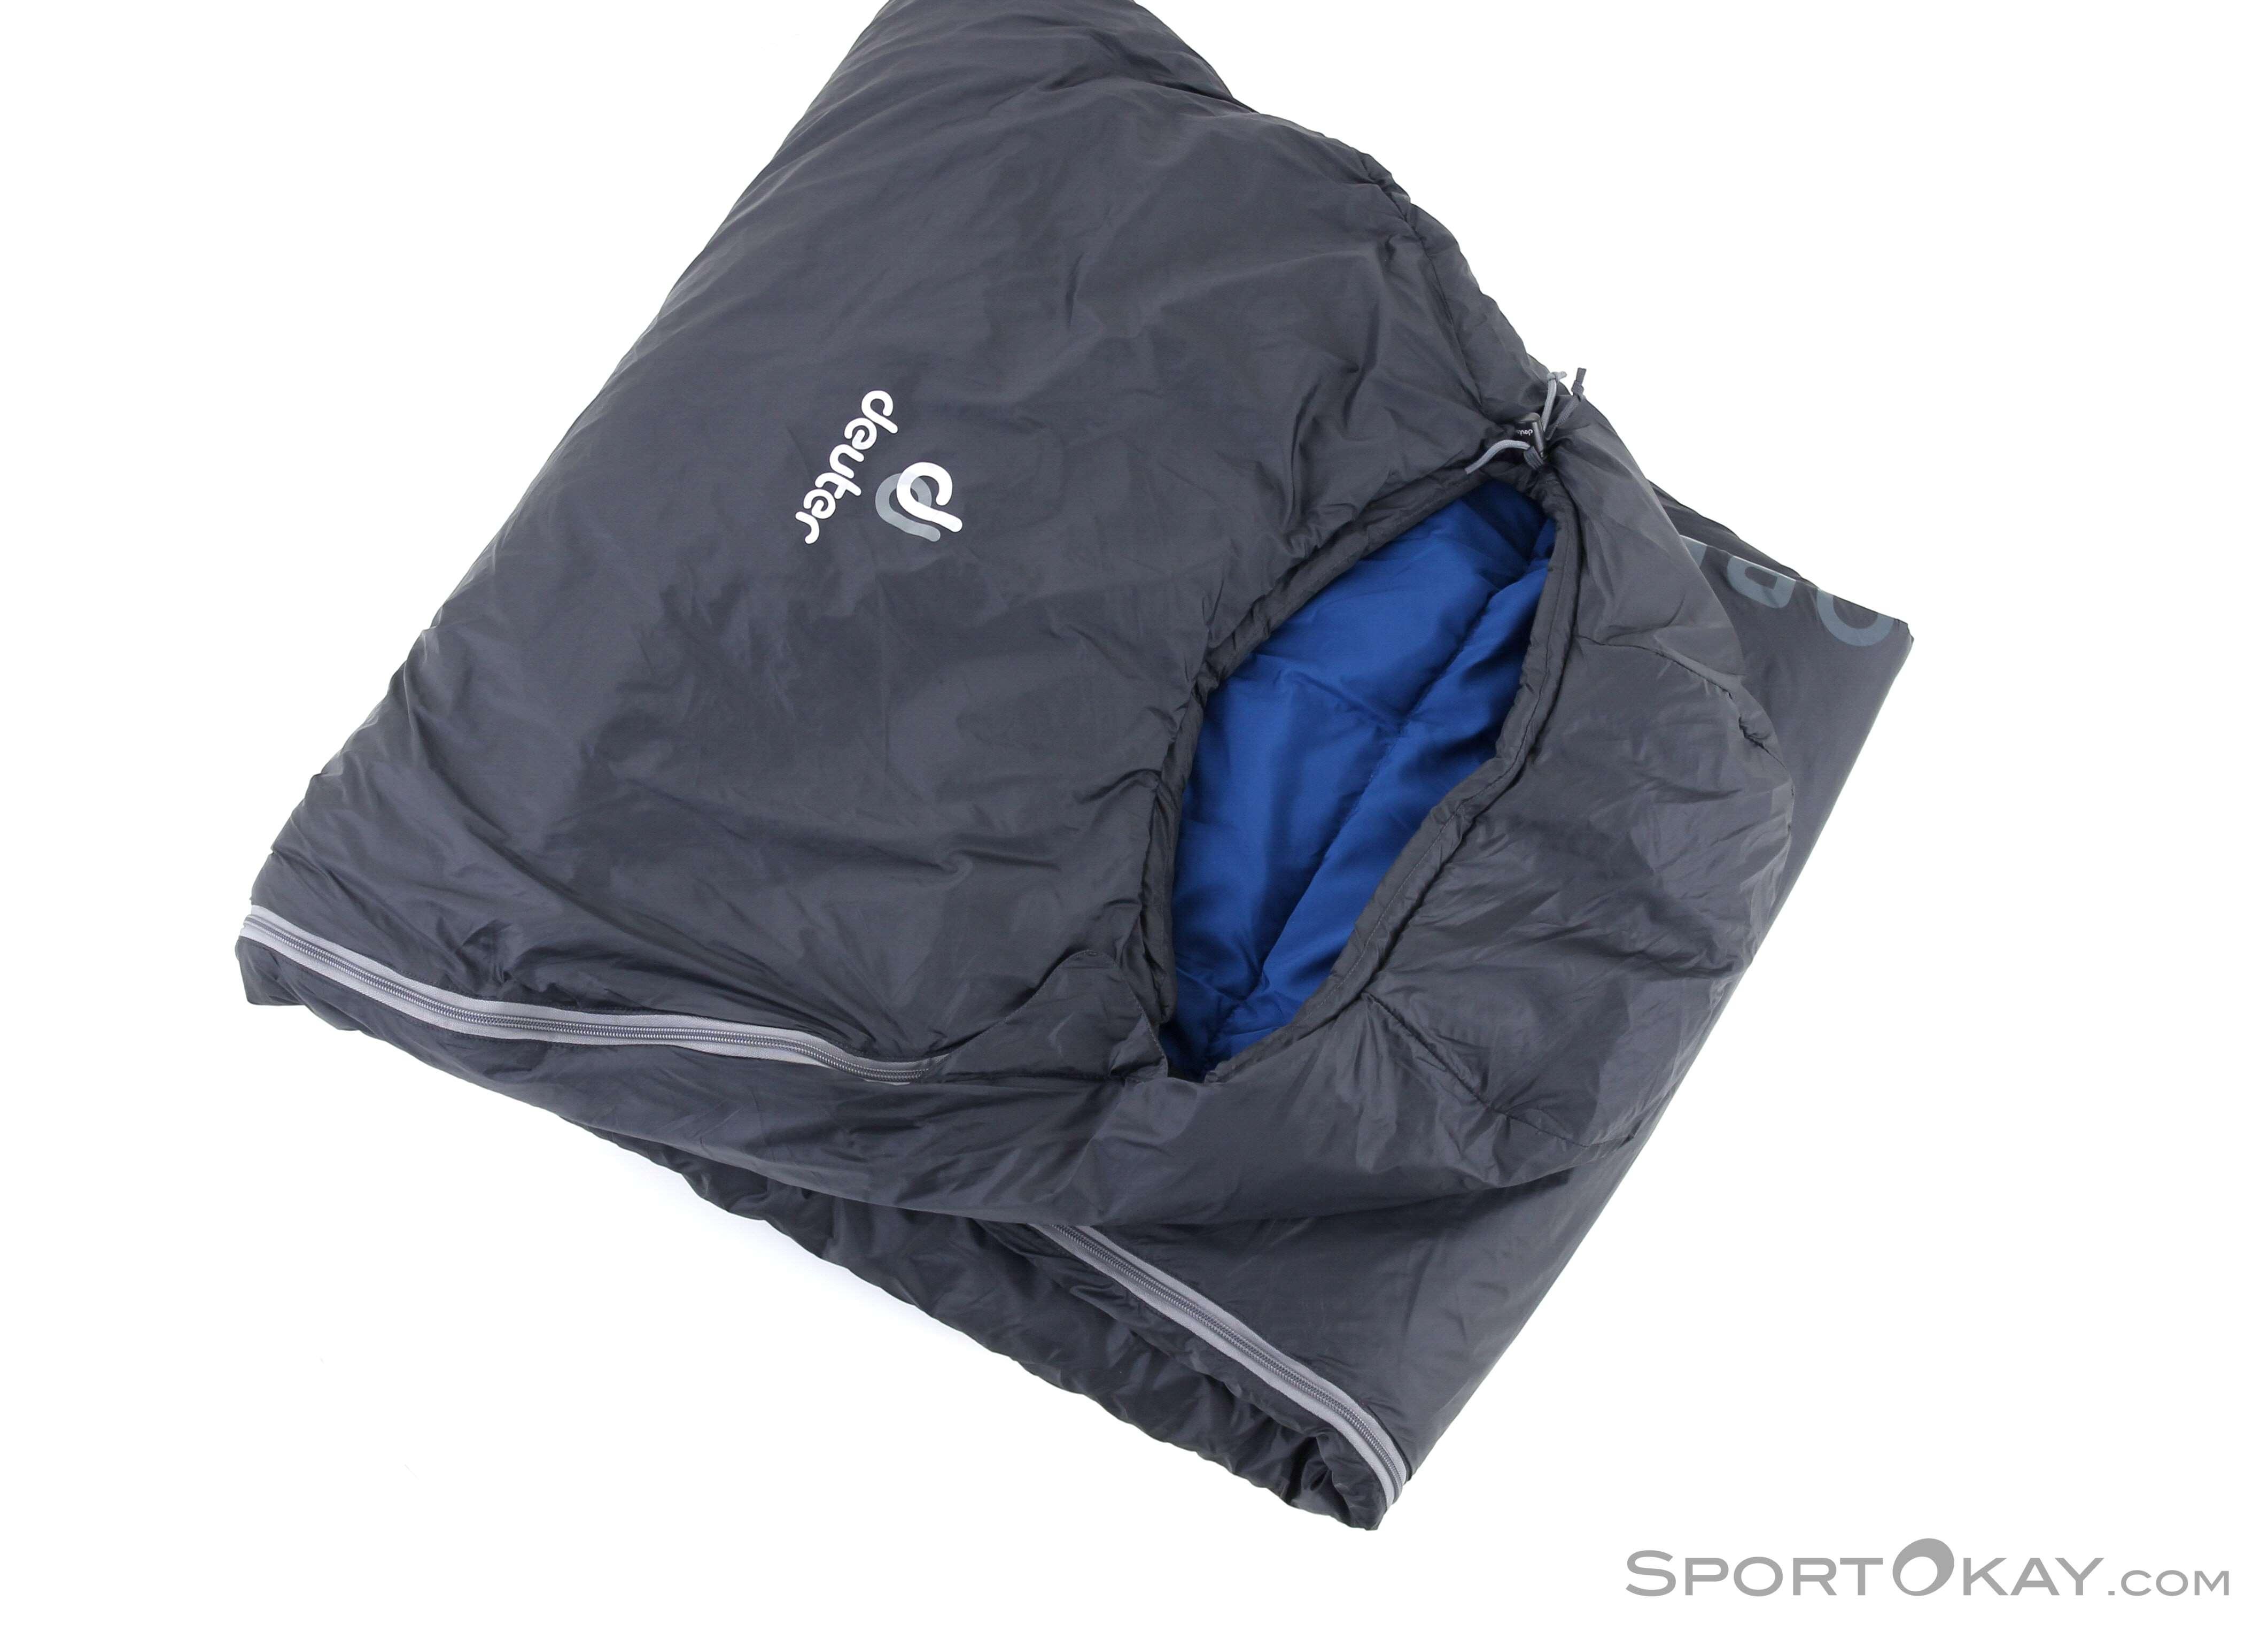 anders Markenqualität ein paar Tage entfernt Deuter Deuter Orbit +5° Large Schlafsack